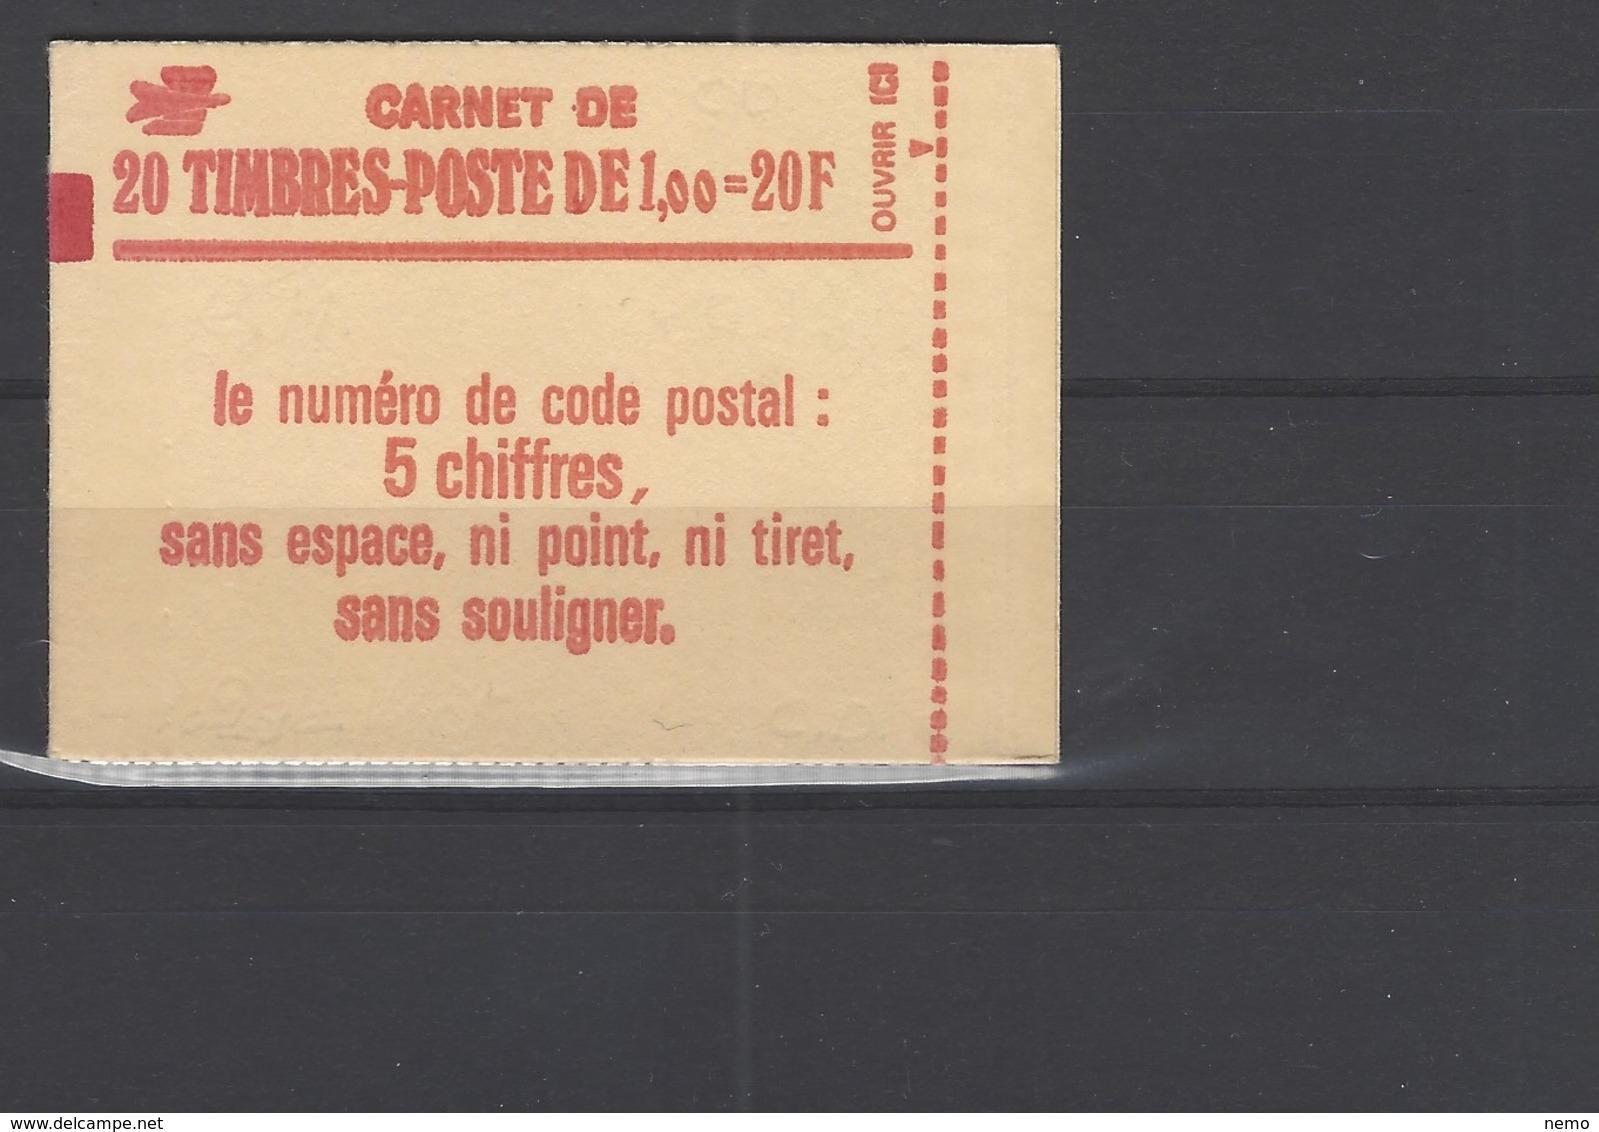 Carnet Sabine De Gandon Daté - Usage Courant